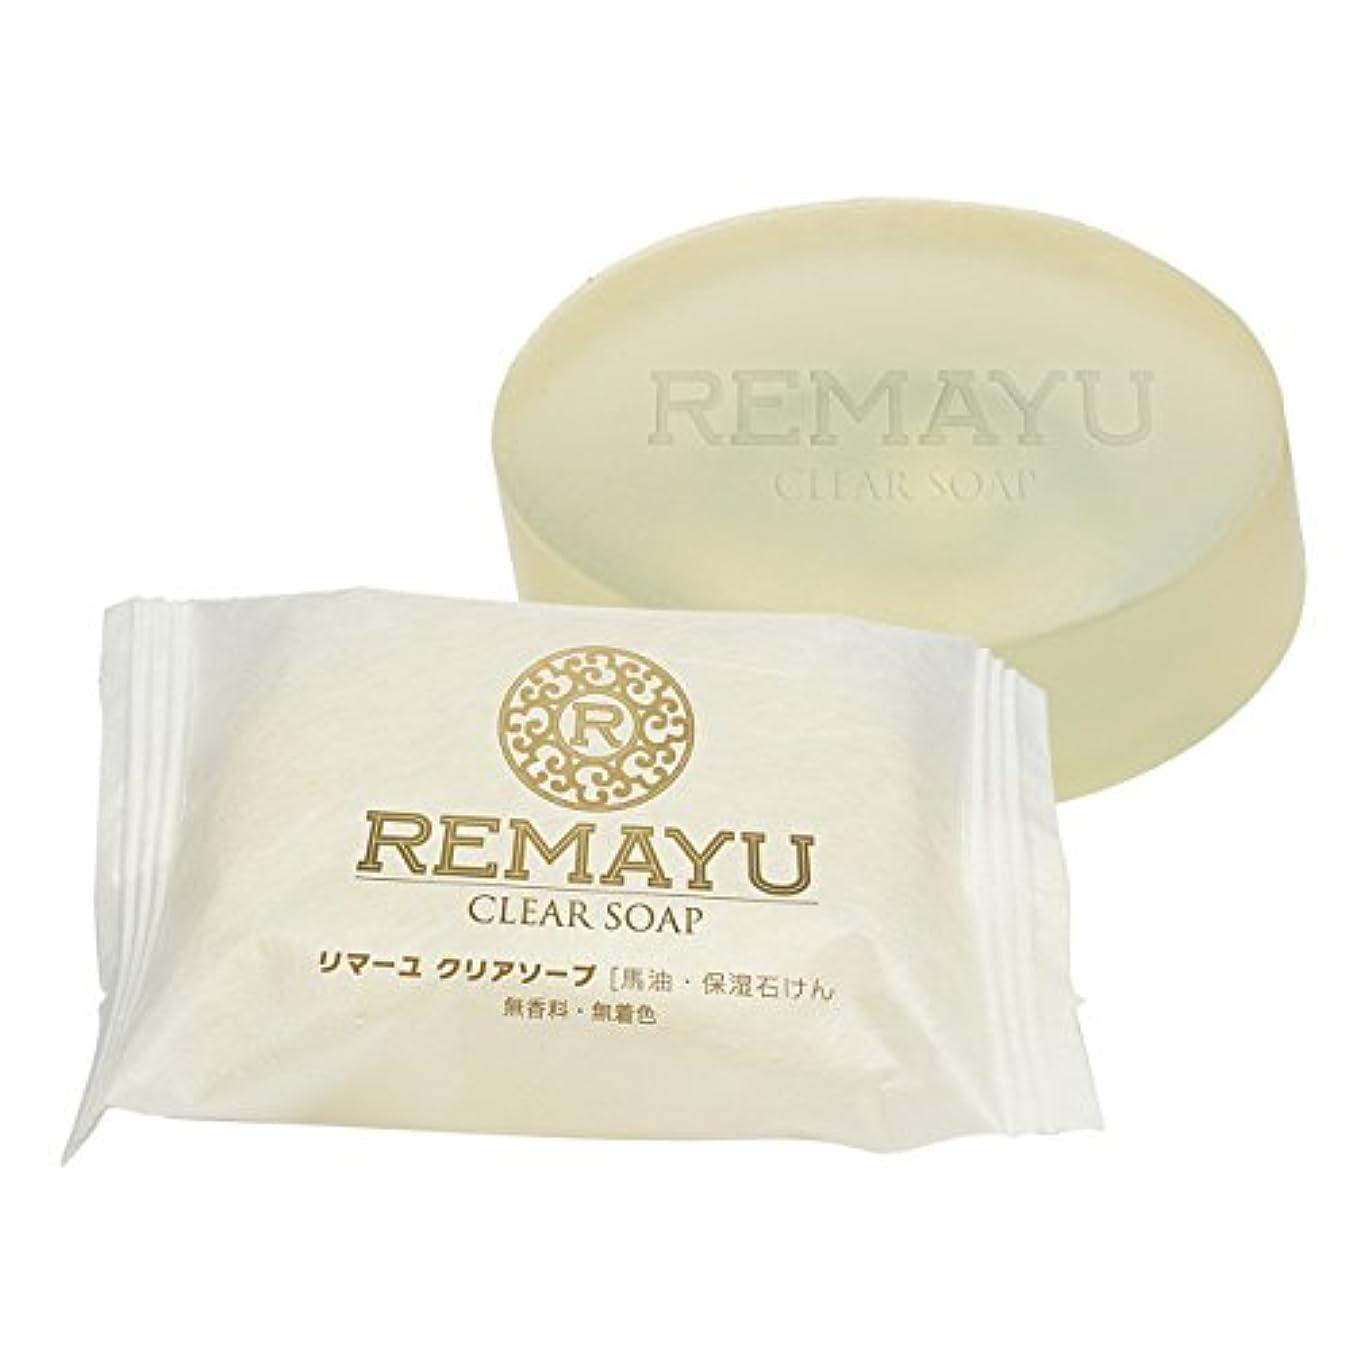 トレイルシリングエチケットリマーユ クリアソープ 90g 馬油 リバテープ製薬 日本製 ばゆ石鹸 ばゆ洗顔